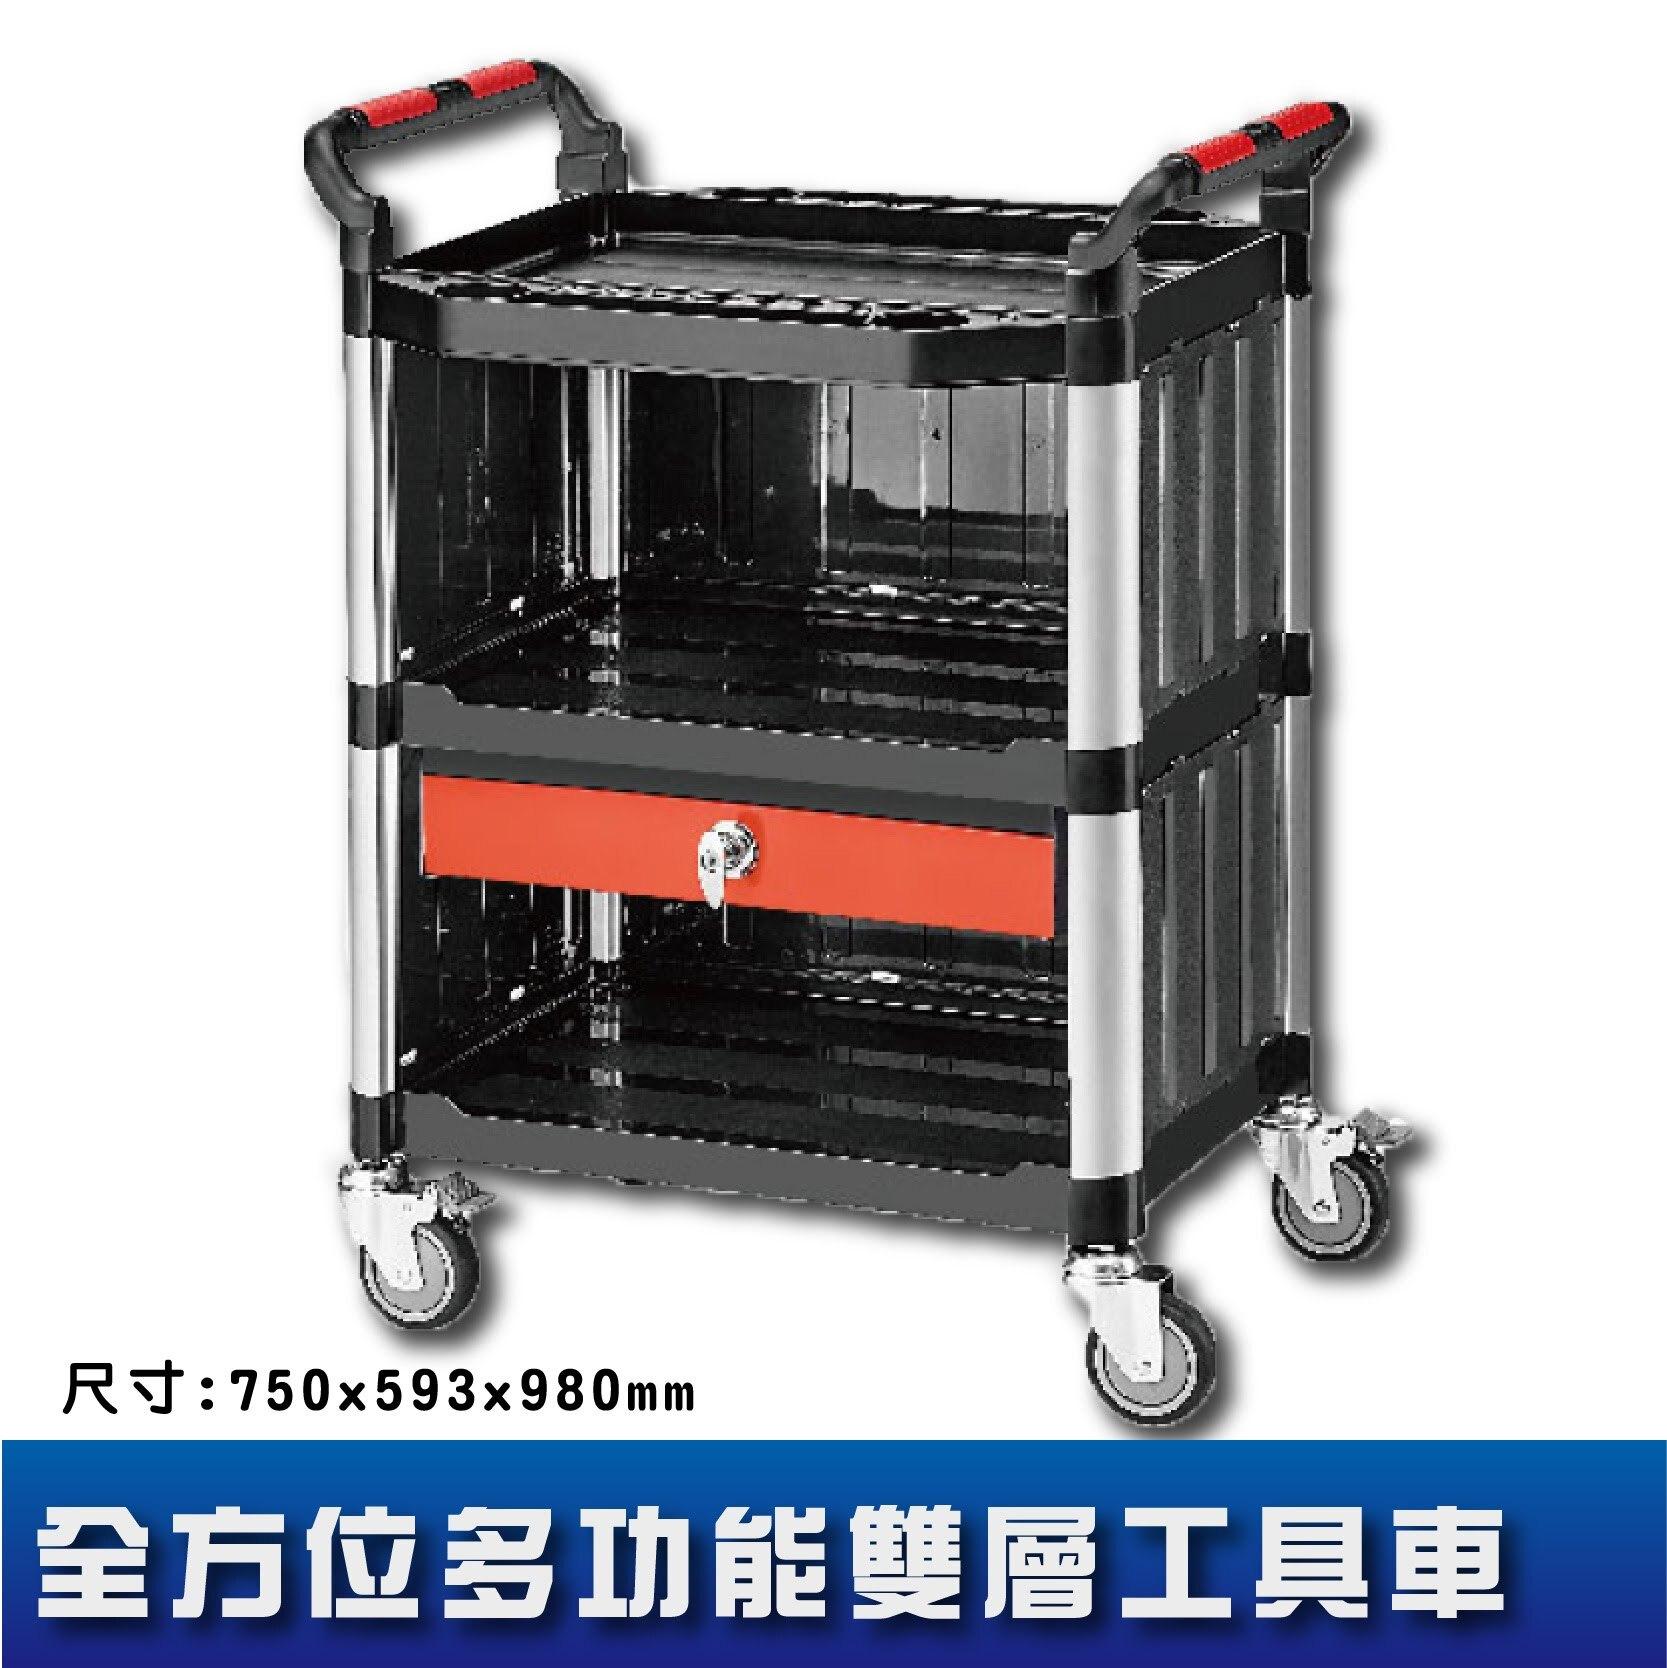 多種選擇〞KT808FB5 全方位多功能三層工具車 手推車 工作車 置物車 分層車 餐車 清潔車 房務車 服務車